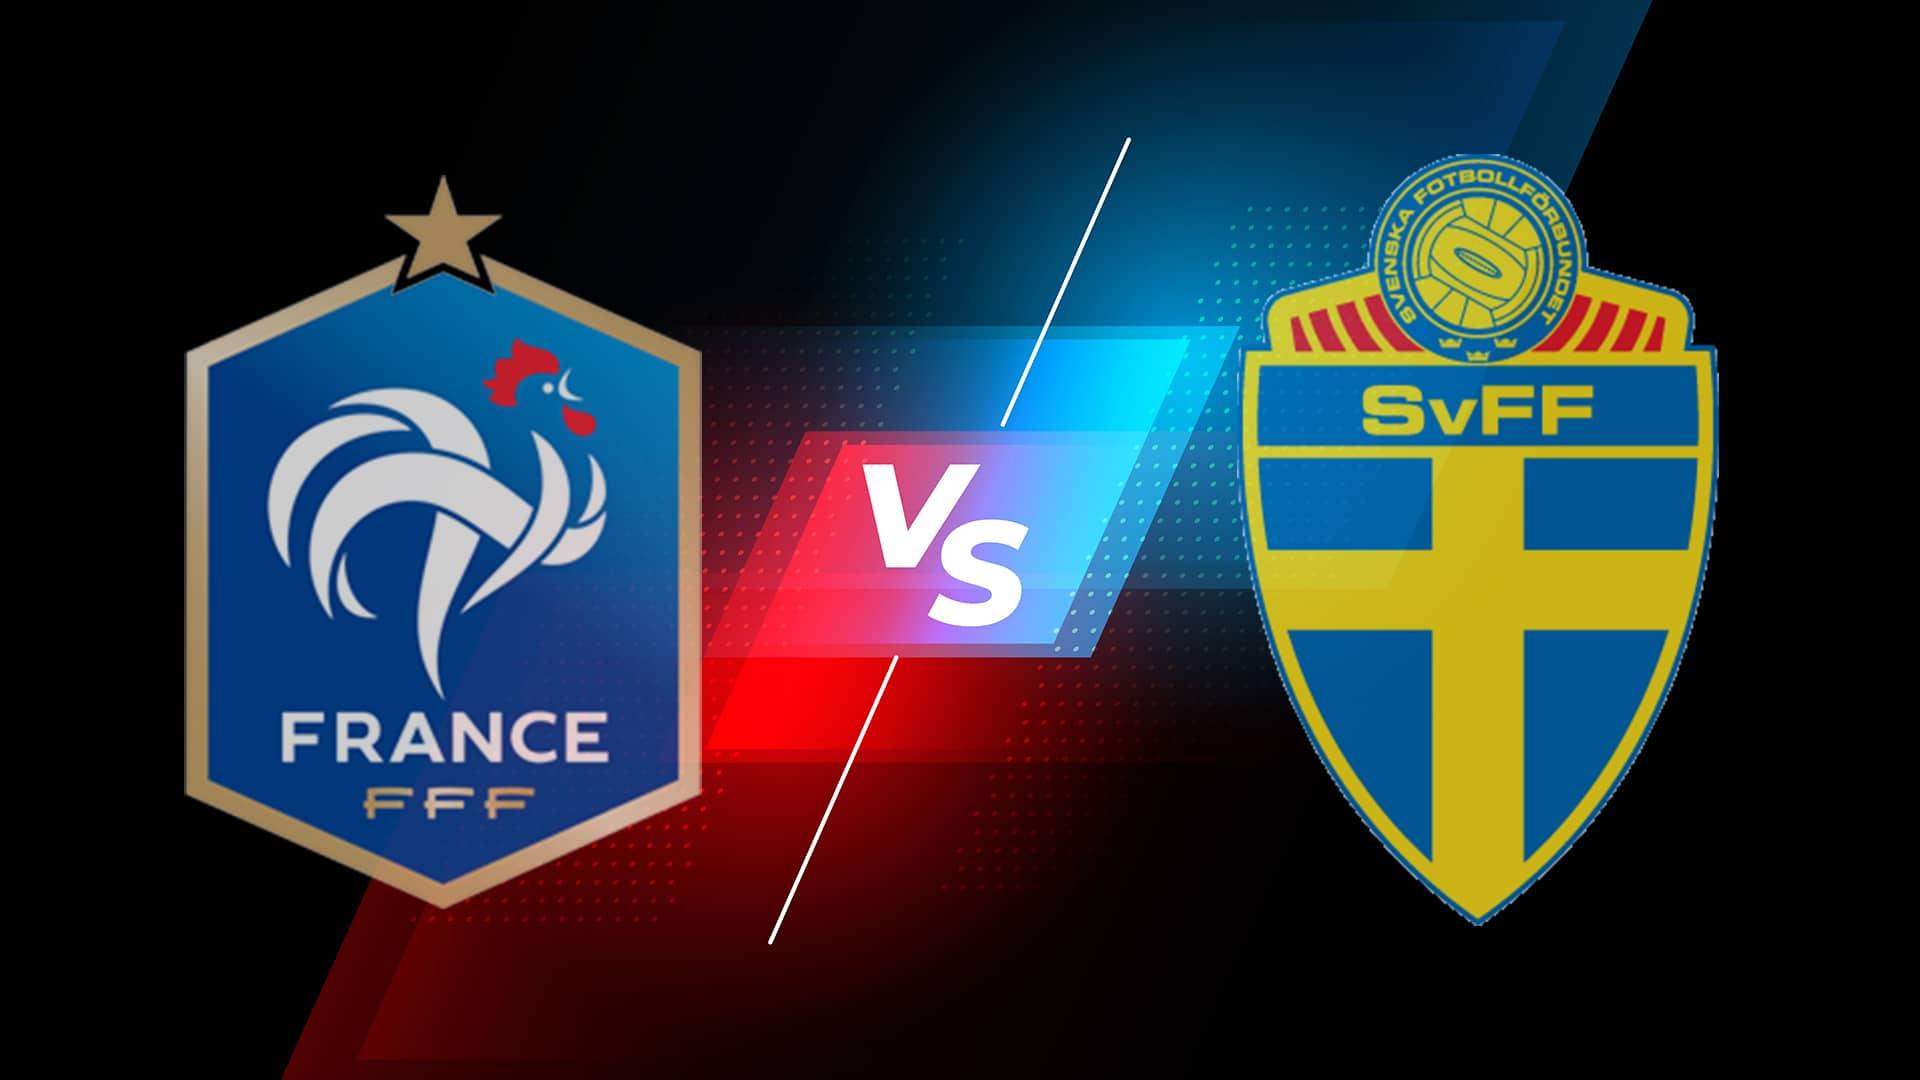 วิเคราะห์บอล ฝรั่งเศส พบ สวีเดน